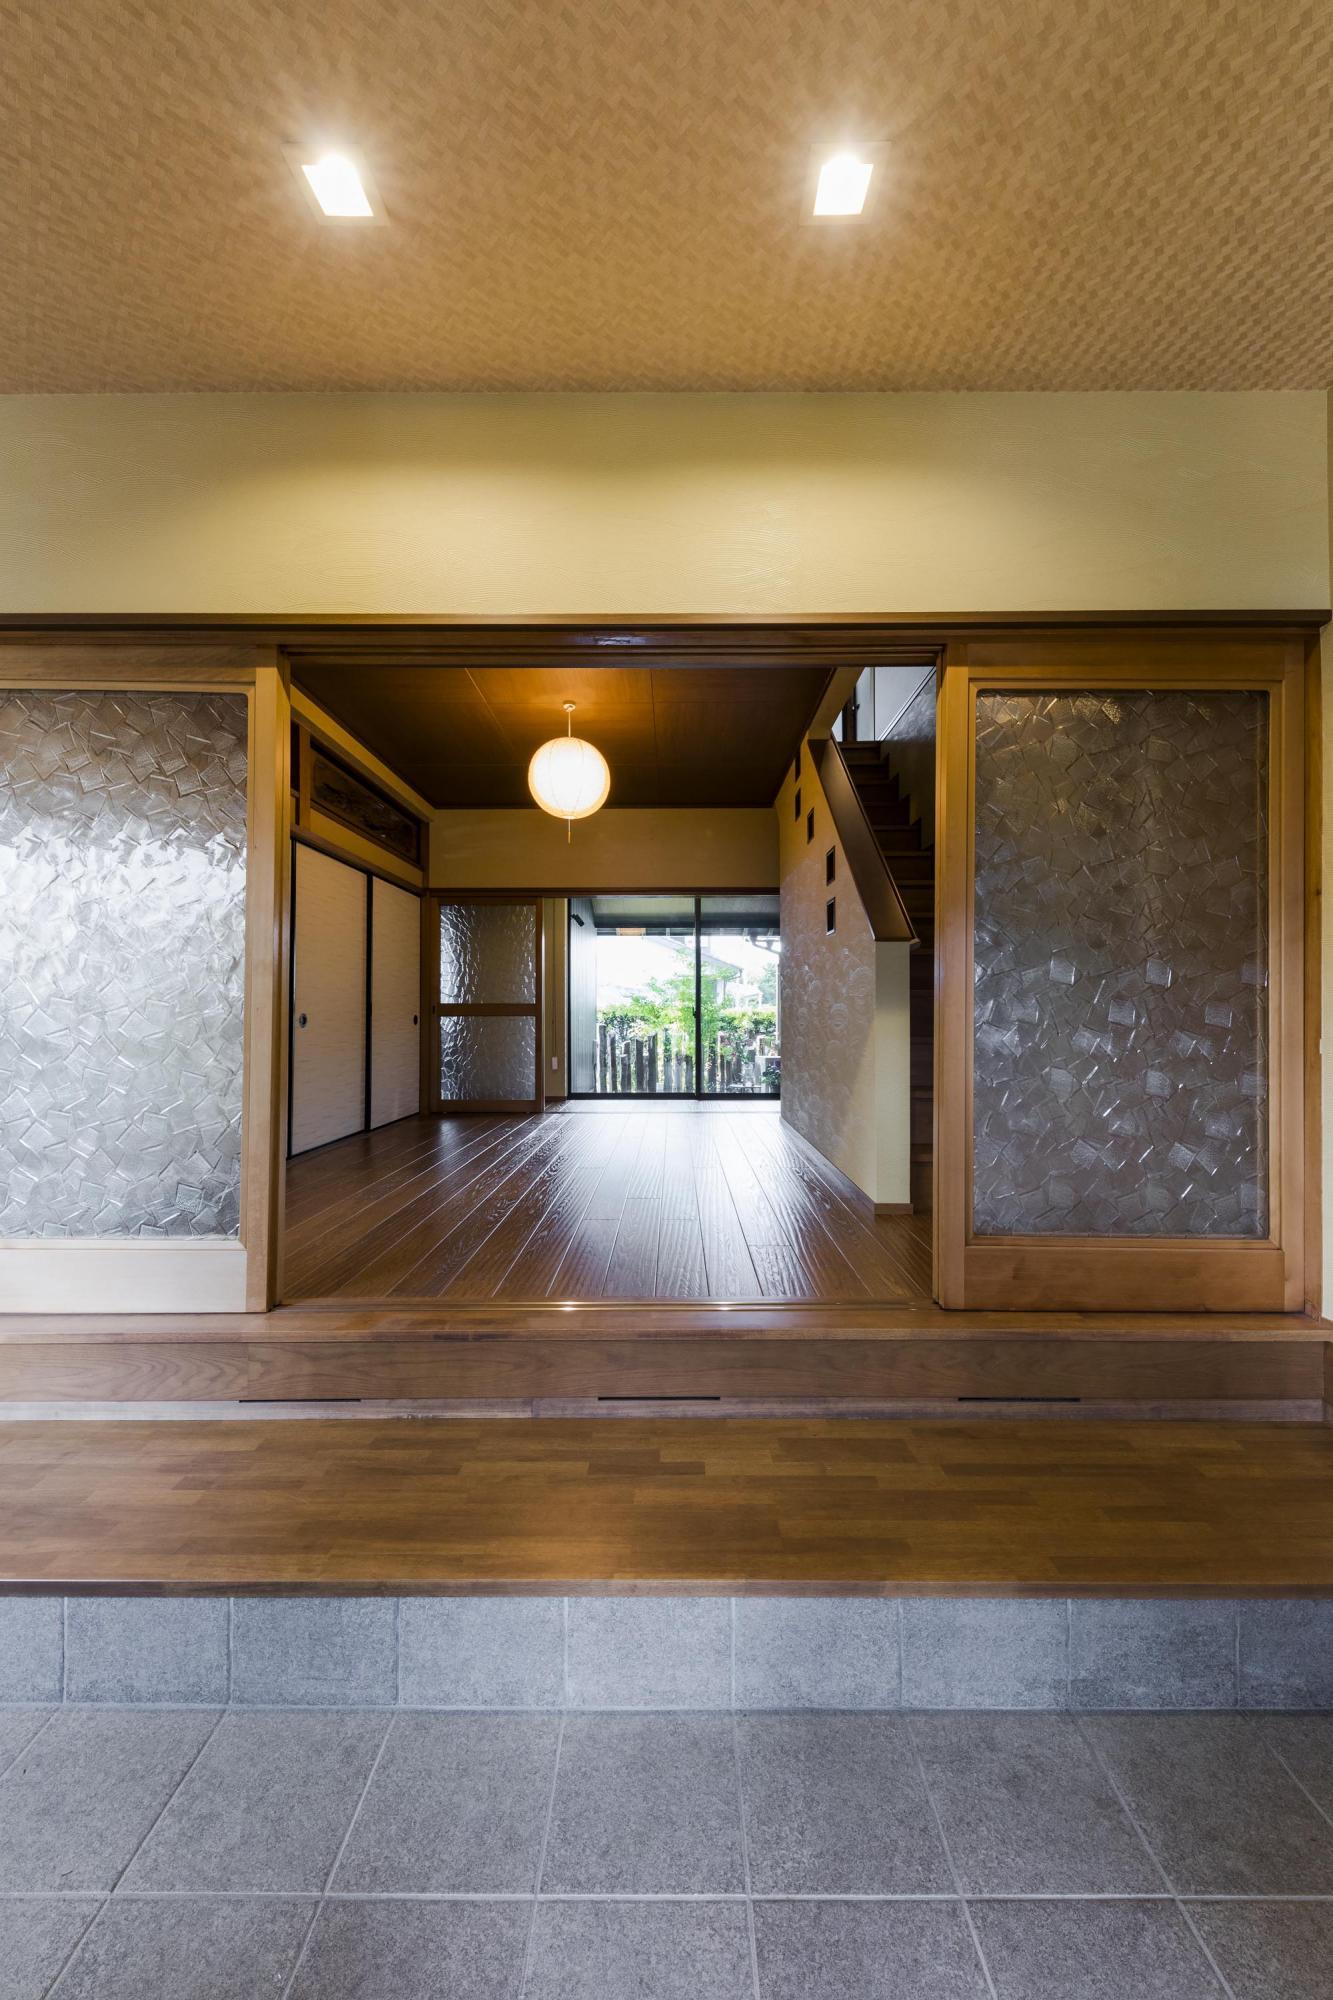 和室一部屋分のスペースを充てた玄関ホールは、木質感豊かな温かみのある空間に。以前は家の奥にあった階段もここへ移動させた。正面に中庭をのぞむことができ、視線が抜けるためさらに広く感じられる。「新築ではなくリフォームしたからこそ、ゆったりした空間を造れたのだと思います」。手前の引き戸は以前から使われてい